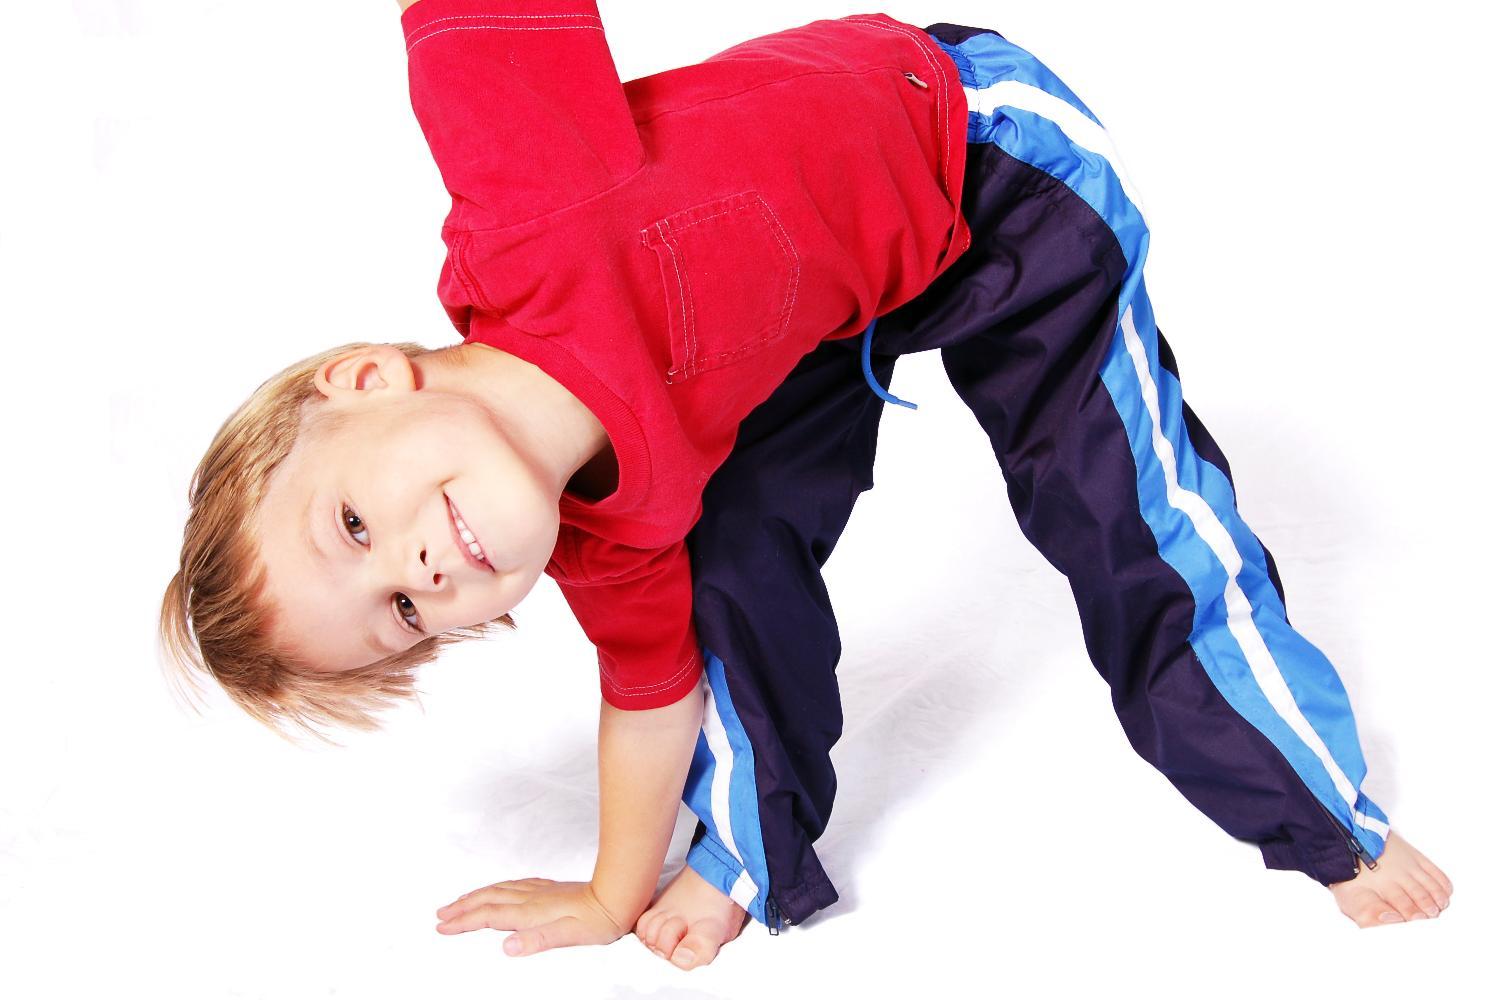 I dolori di crescita nei bambini, quando e perché si manifestano